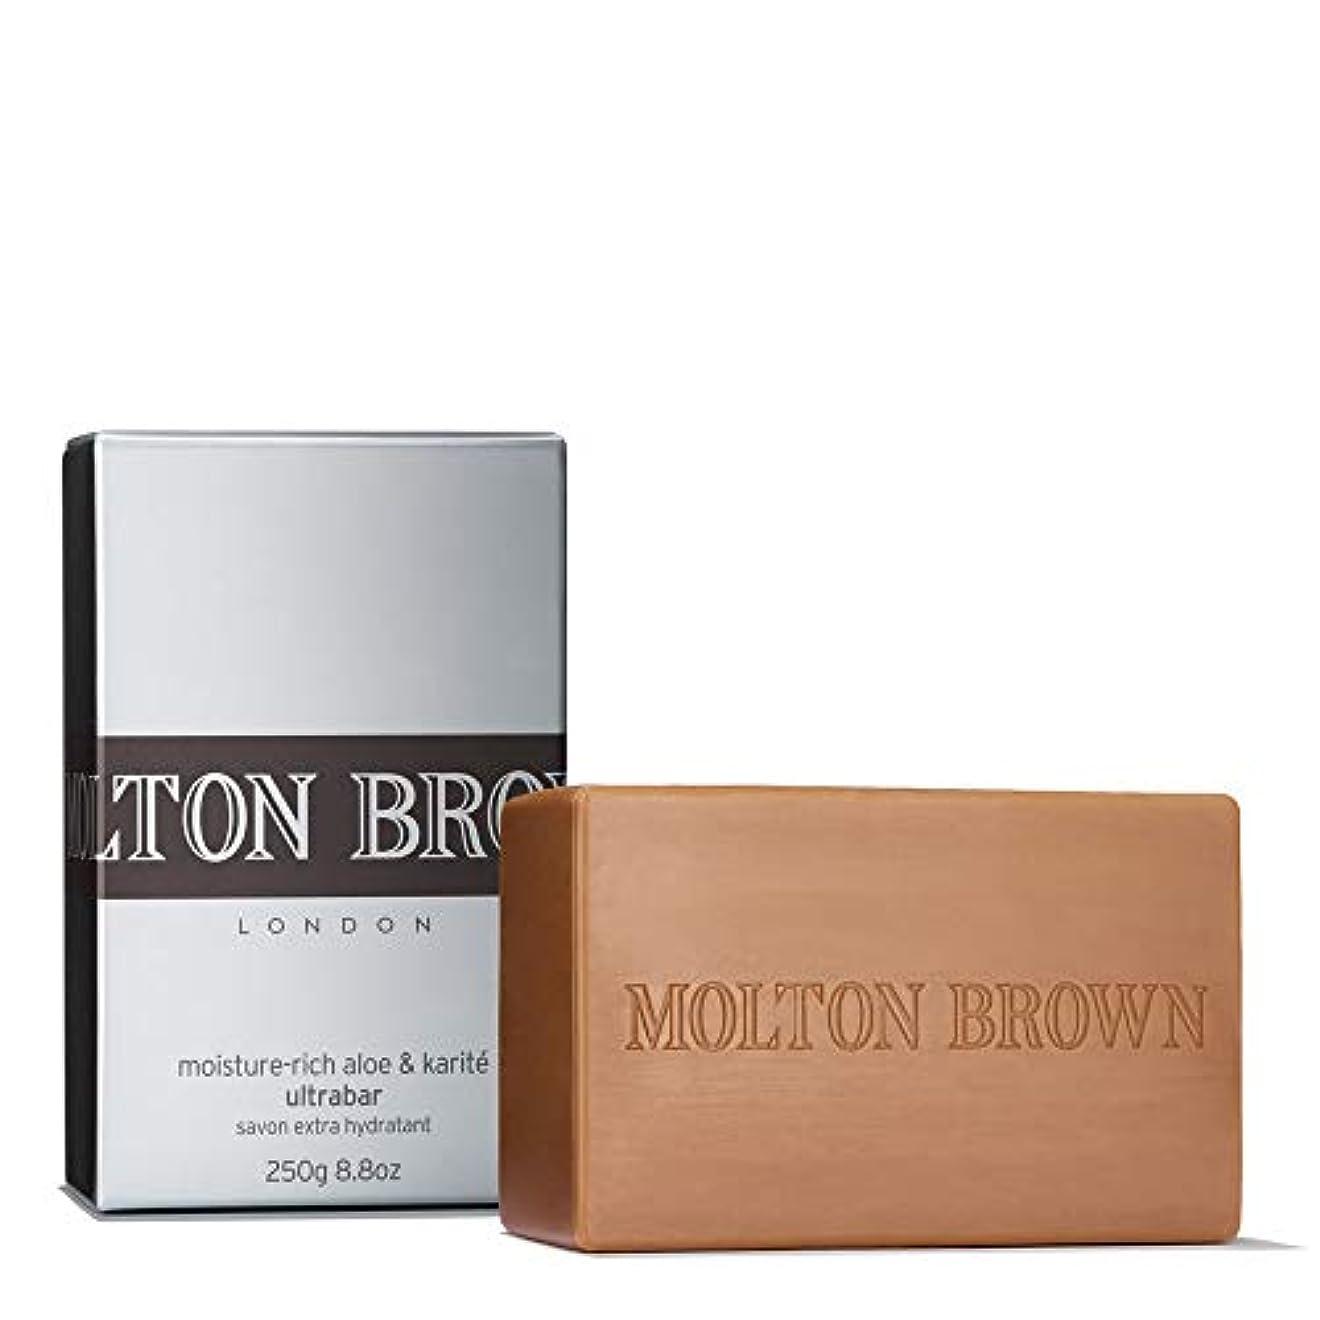 切り離す朝ごはん正確さMOLTON BROWN(モルトンブラウン) モイスチャーリッチ アロエ&カリテ ウルトラバー